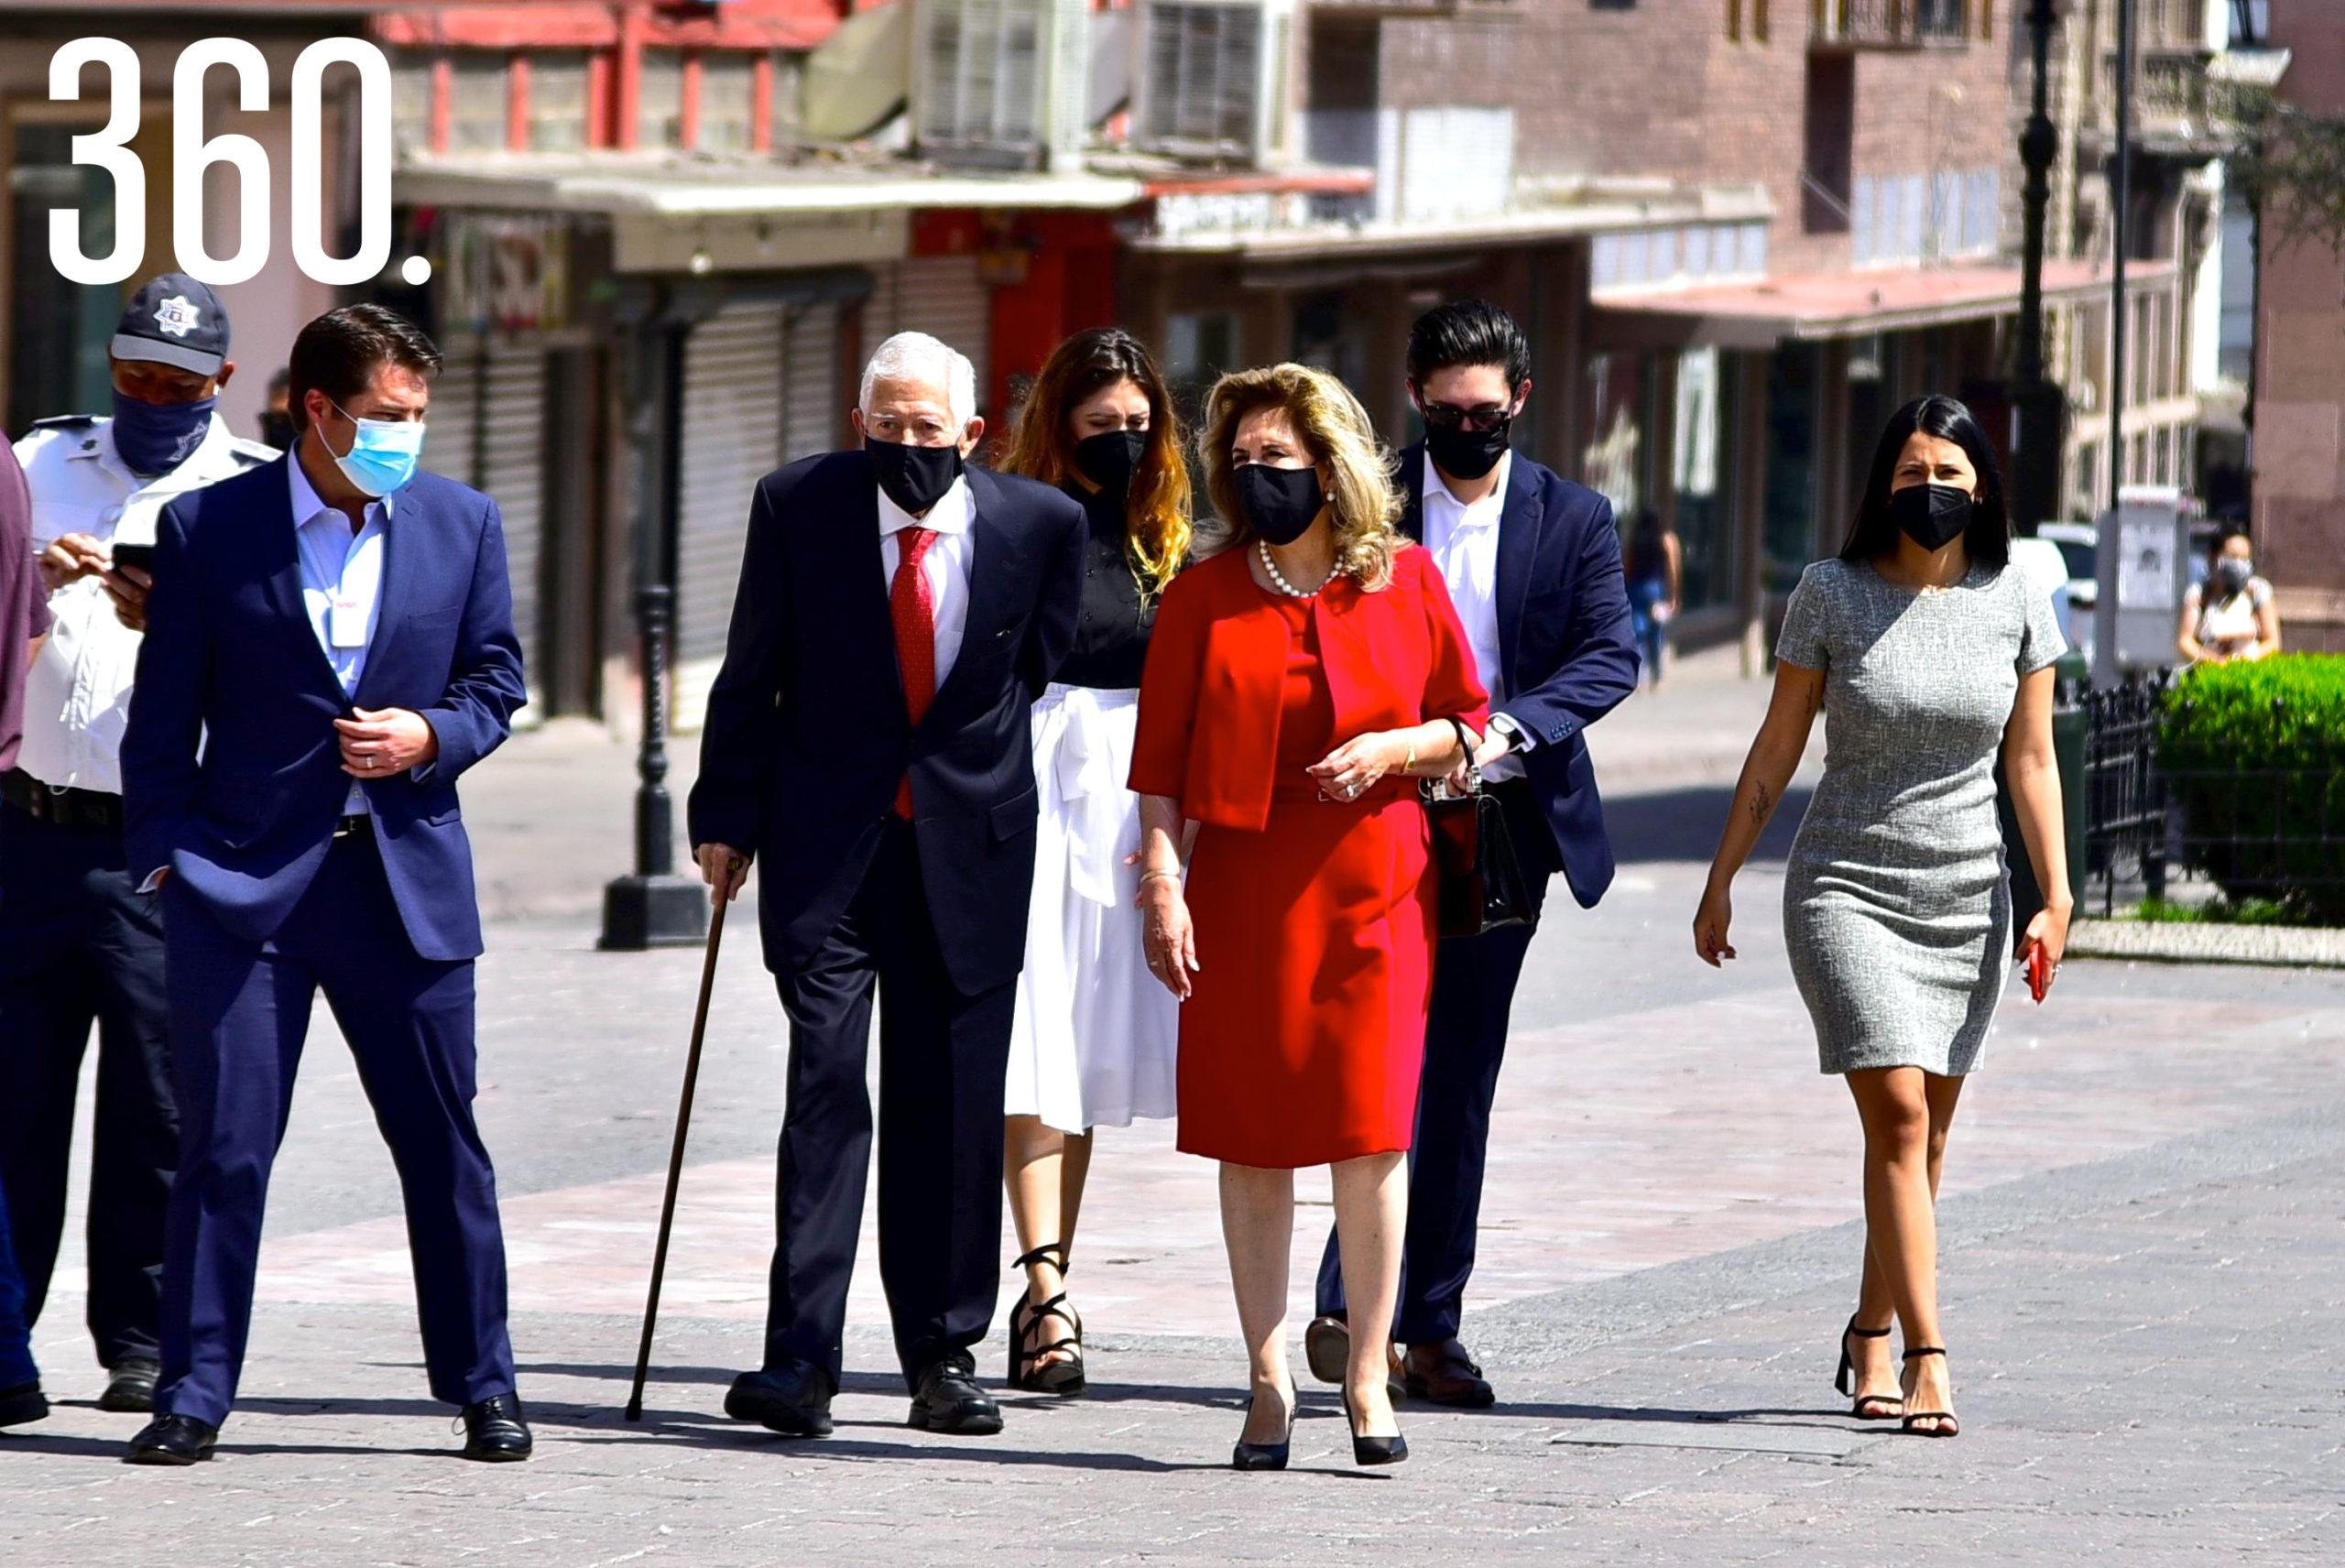 Eliseo Mendoza llegó al Palacio de Gobierno acompañado por Enrique Martínez y Morales, su esposa Lucila Ruiz Muzquiz y sus hijos Lucy y Federico Mendoza.